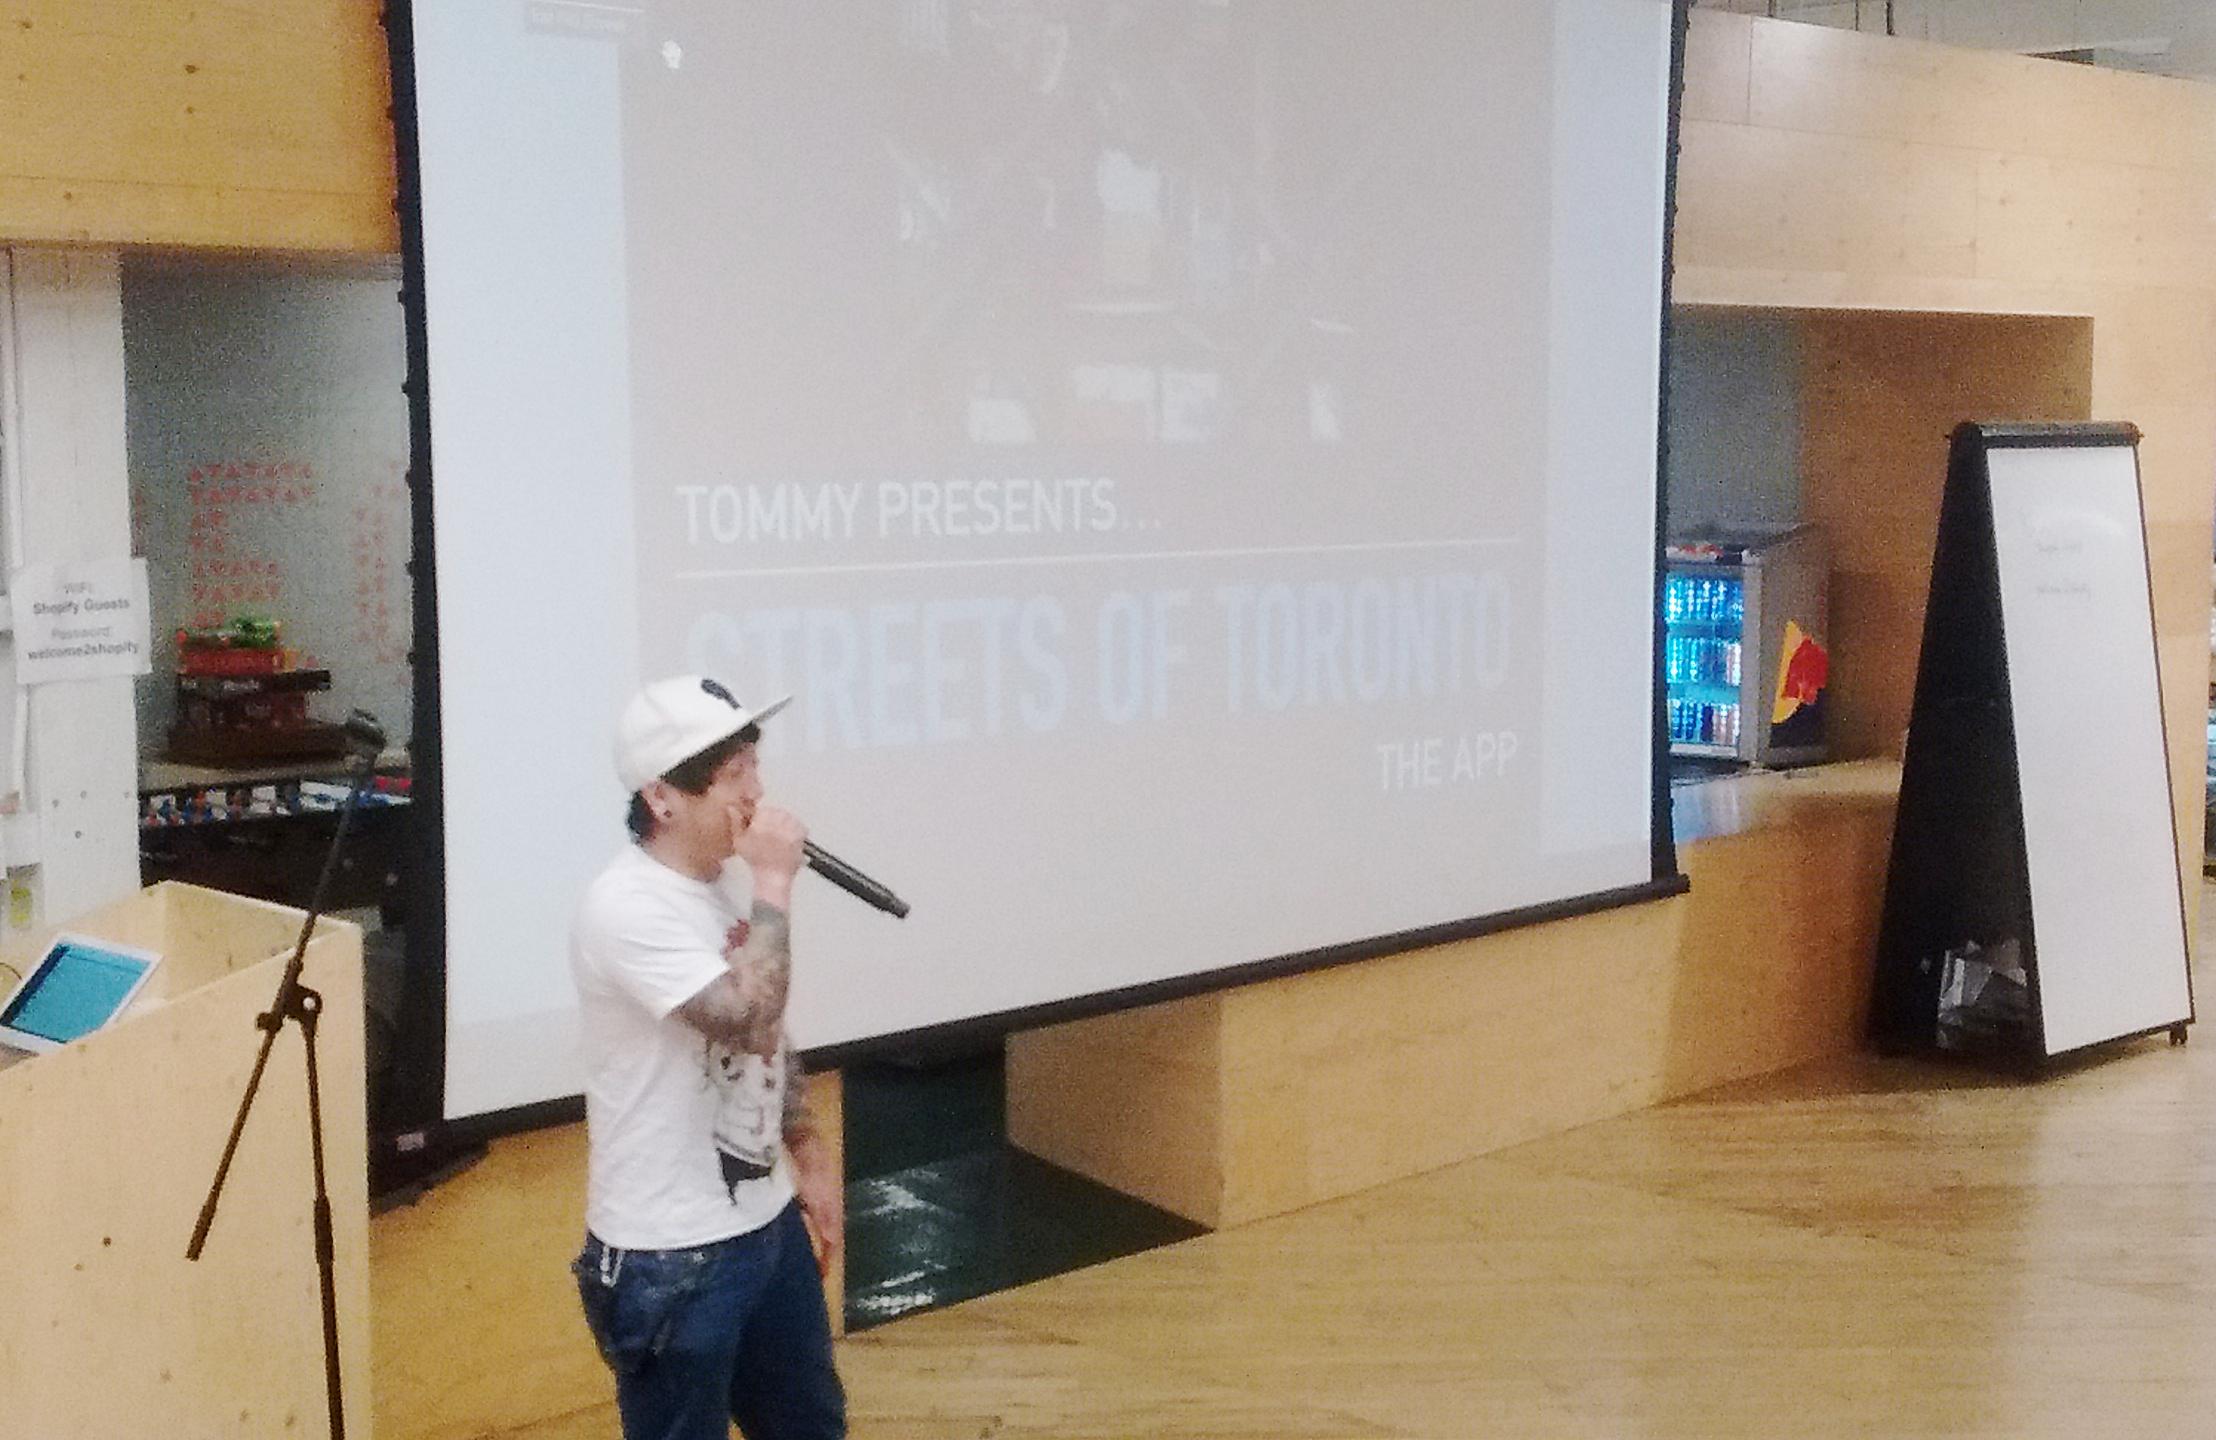 Tommy presenting his HackBridge app